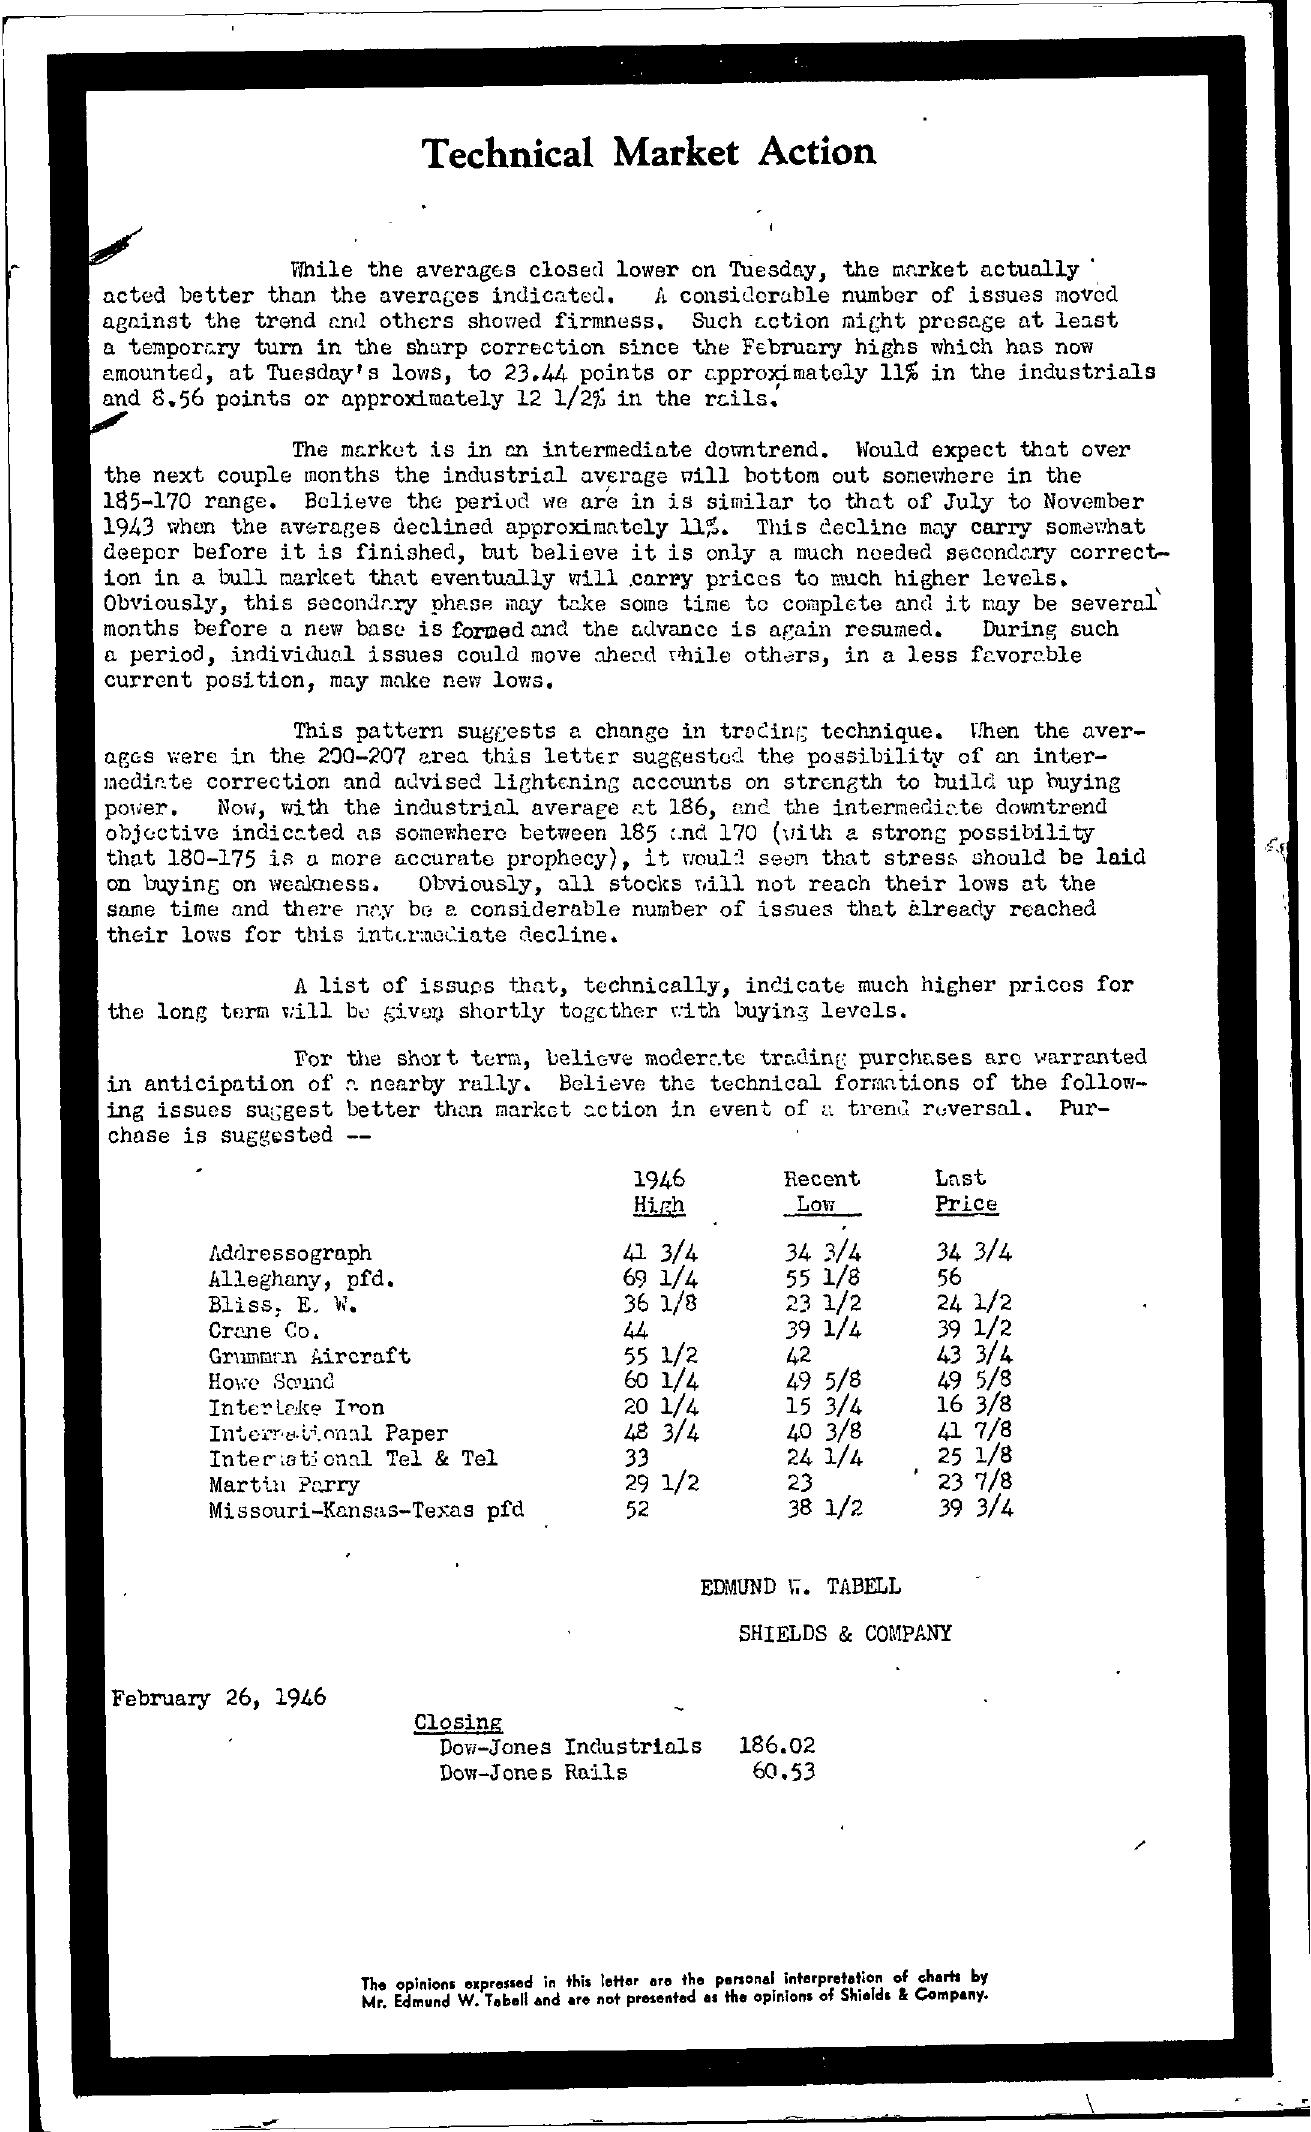 Tabell's Market Letter - February 26, 1946